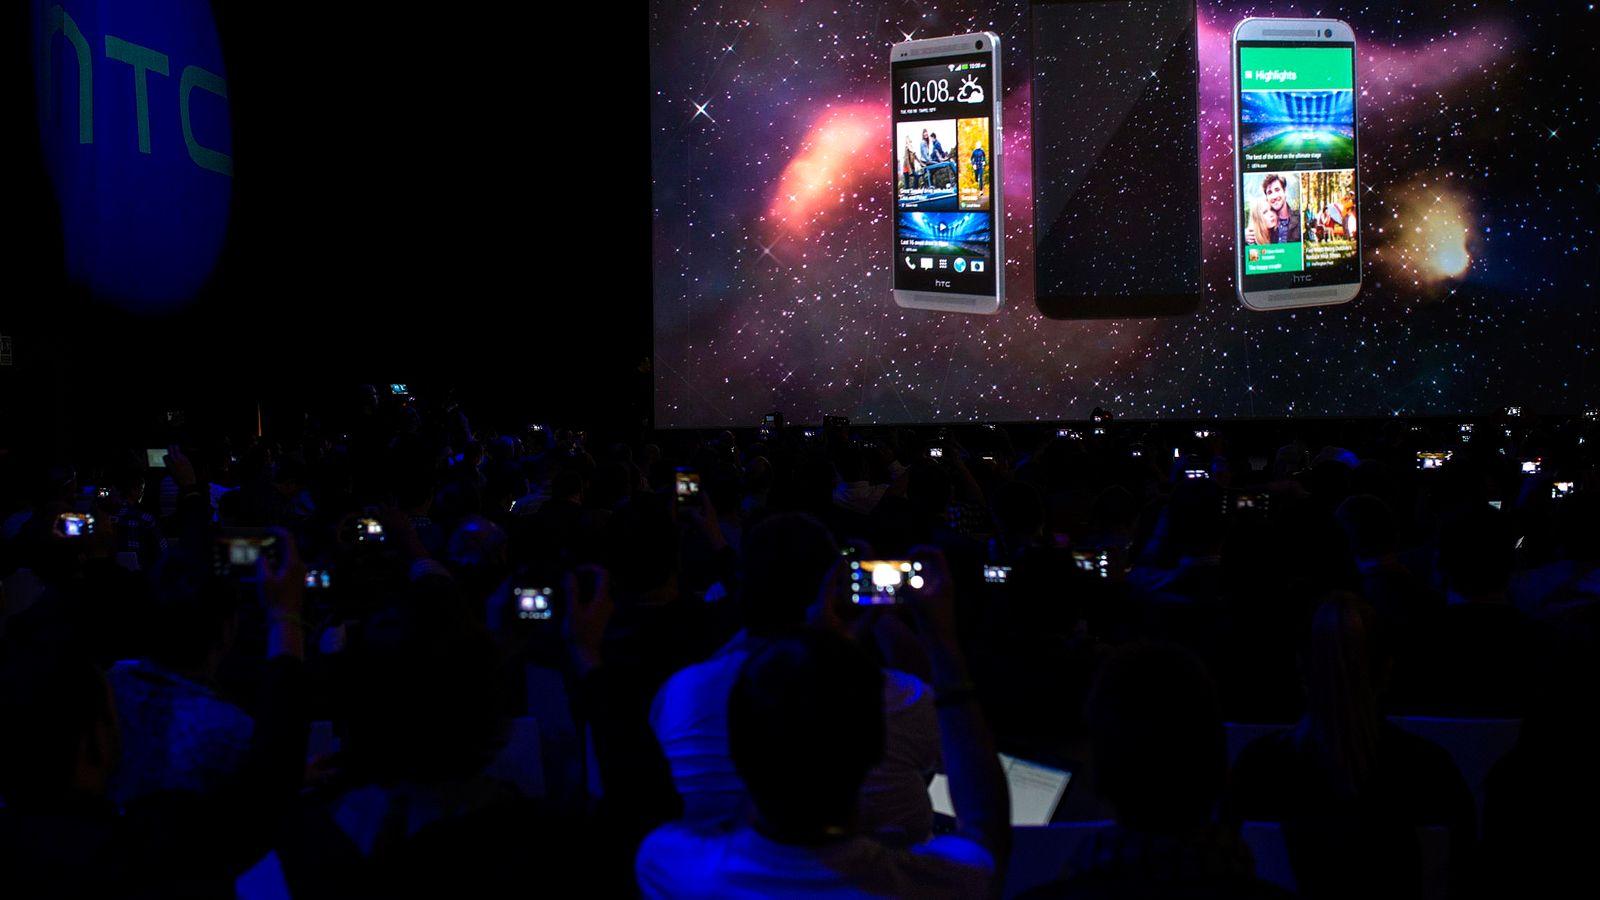 Foto: HTC no logra sorprender con un One M9 continuista y sin grandes novedades